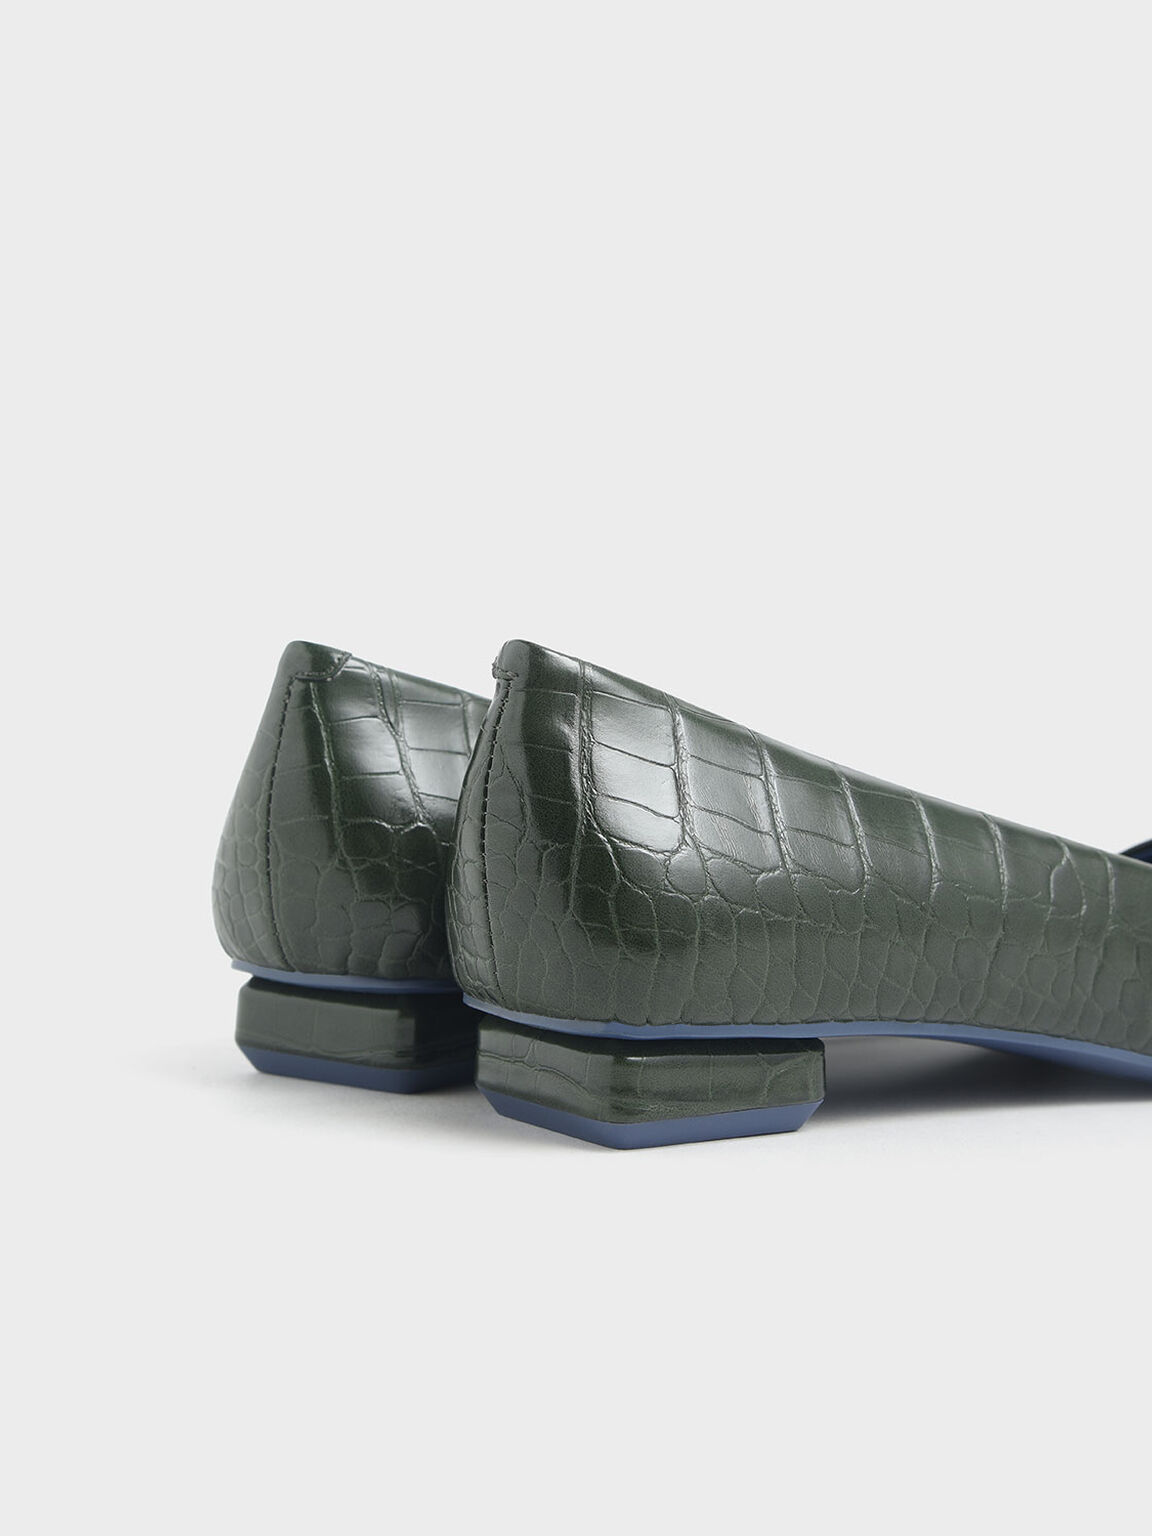 Croc-Effect Square Toe Ballerina Flats, Green, hi-res